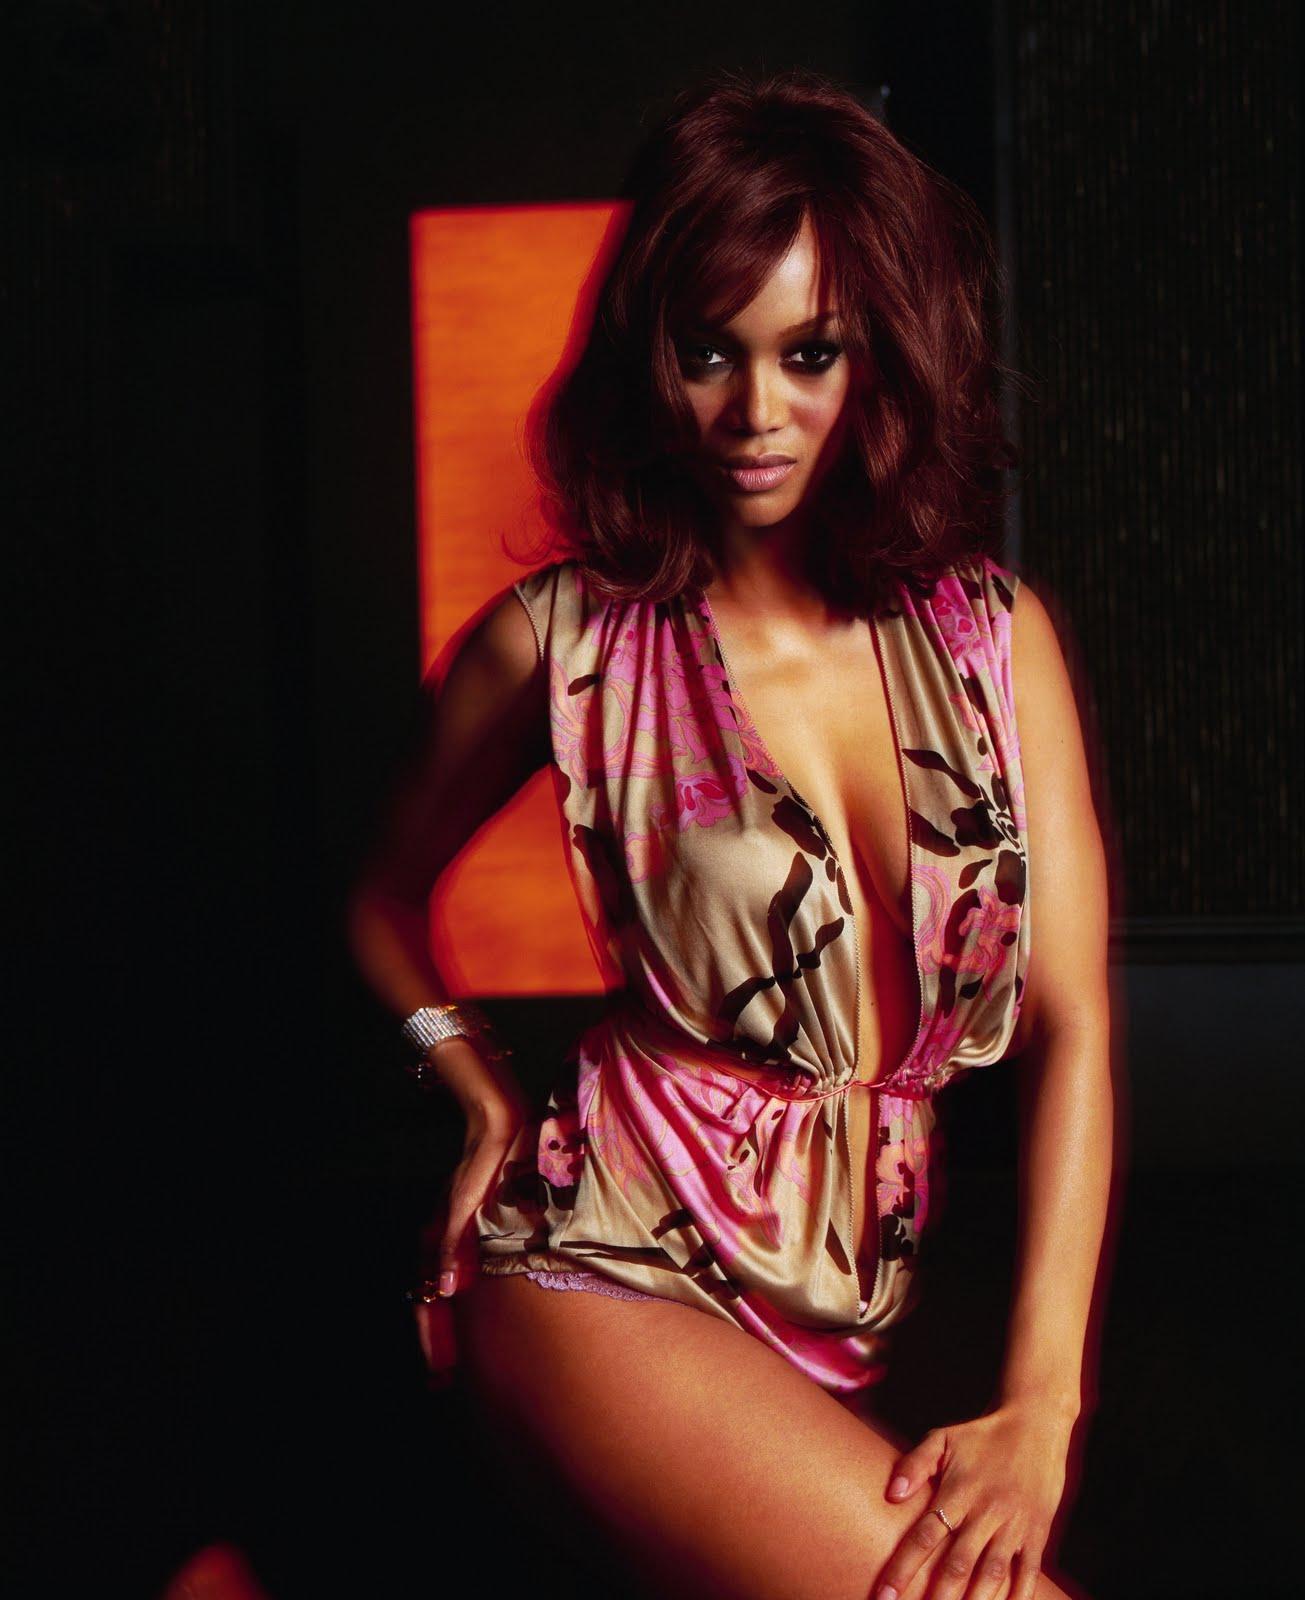 Tyra Banks Image: Tyra Banks Photo Shoot For King Magazine